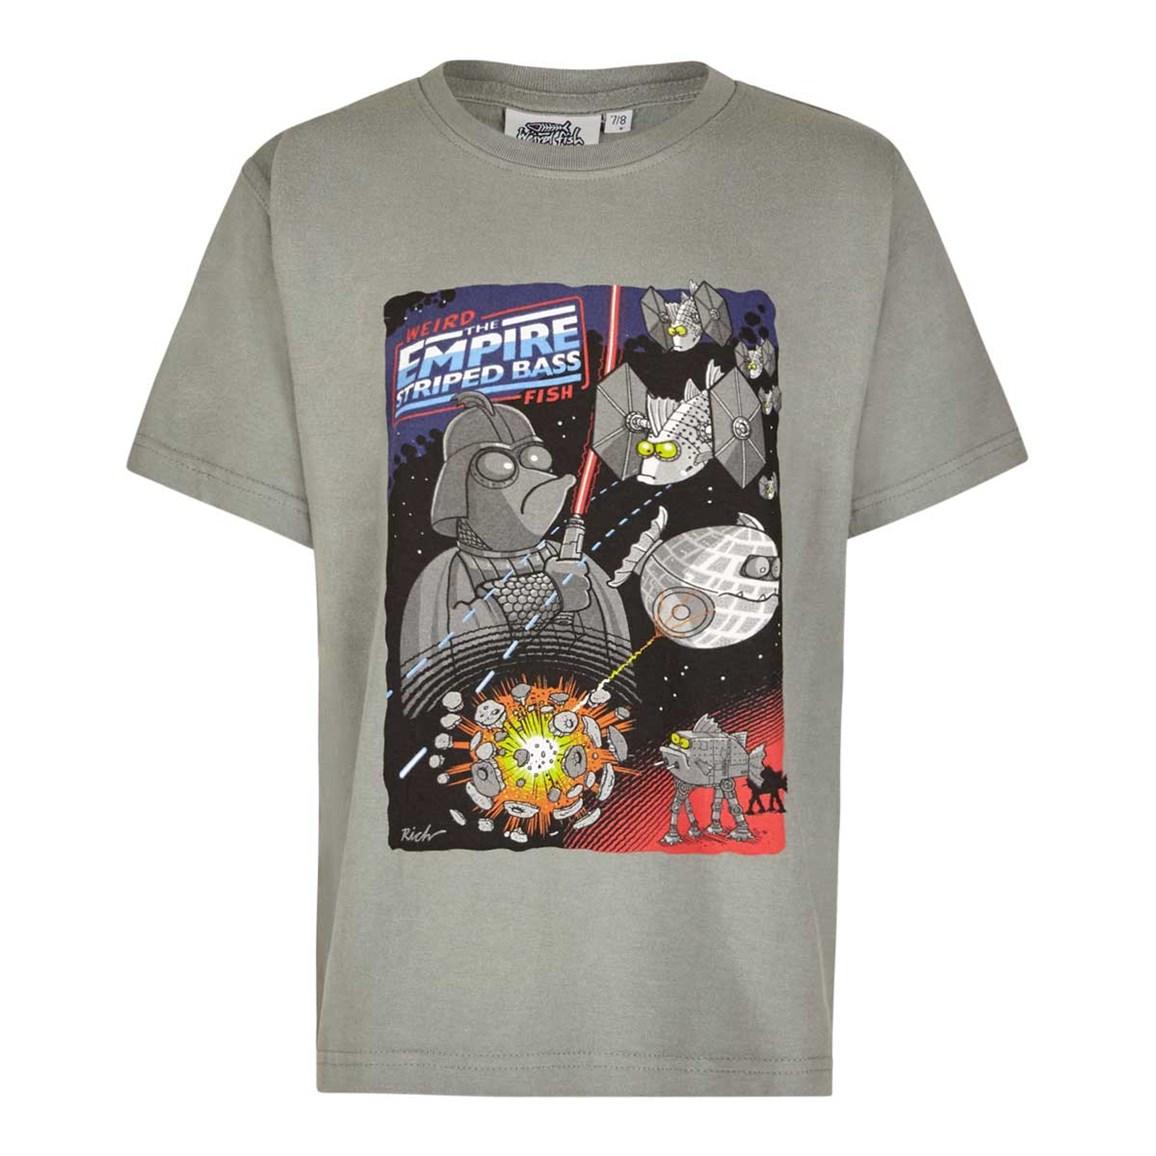 Image of Weird Fish Empire Striped Bass Boy's Artist T-Shirt Artichoke Size 7-8